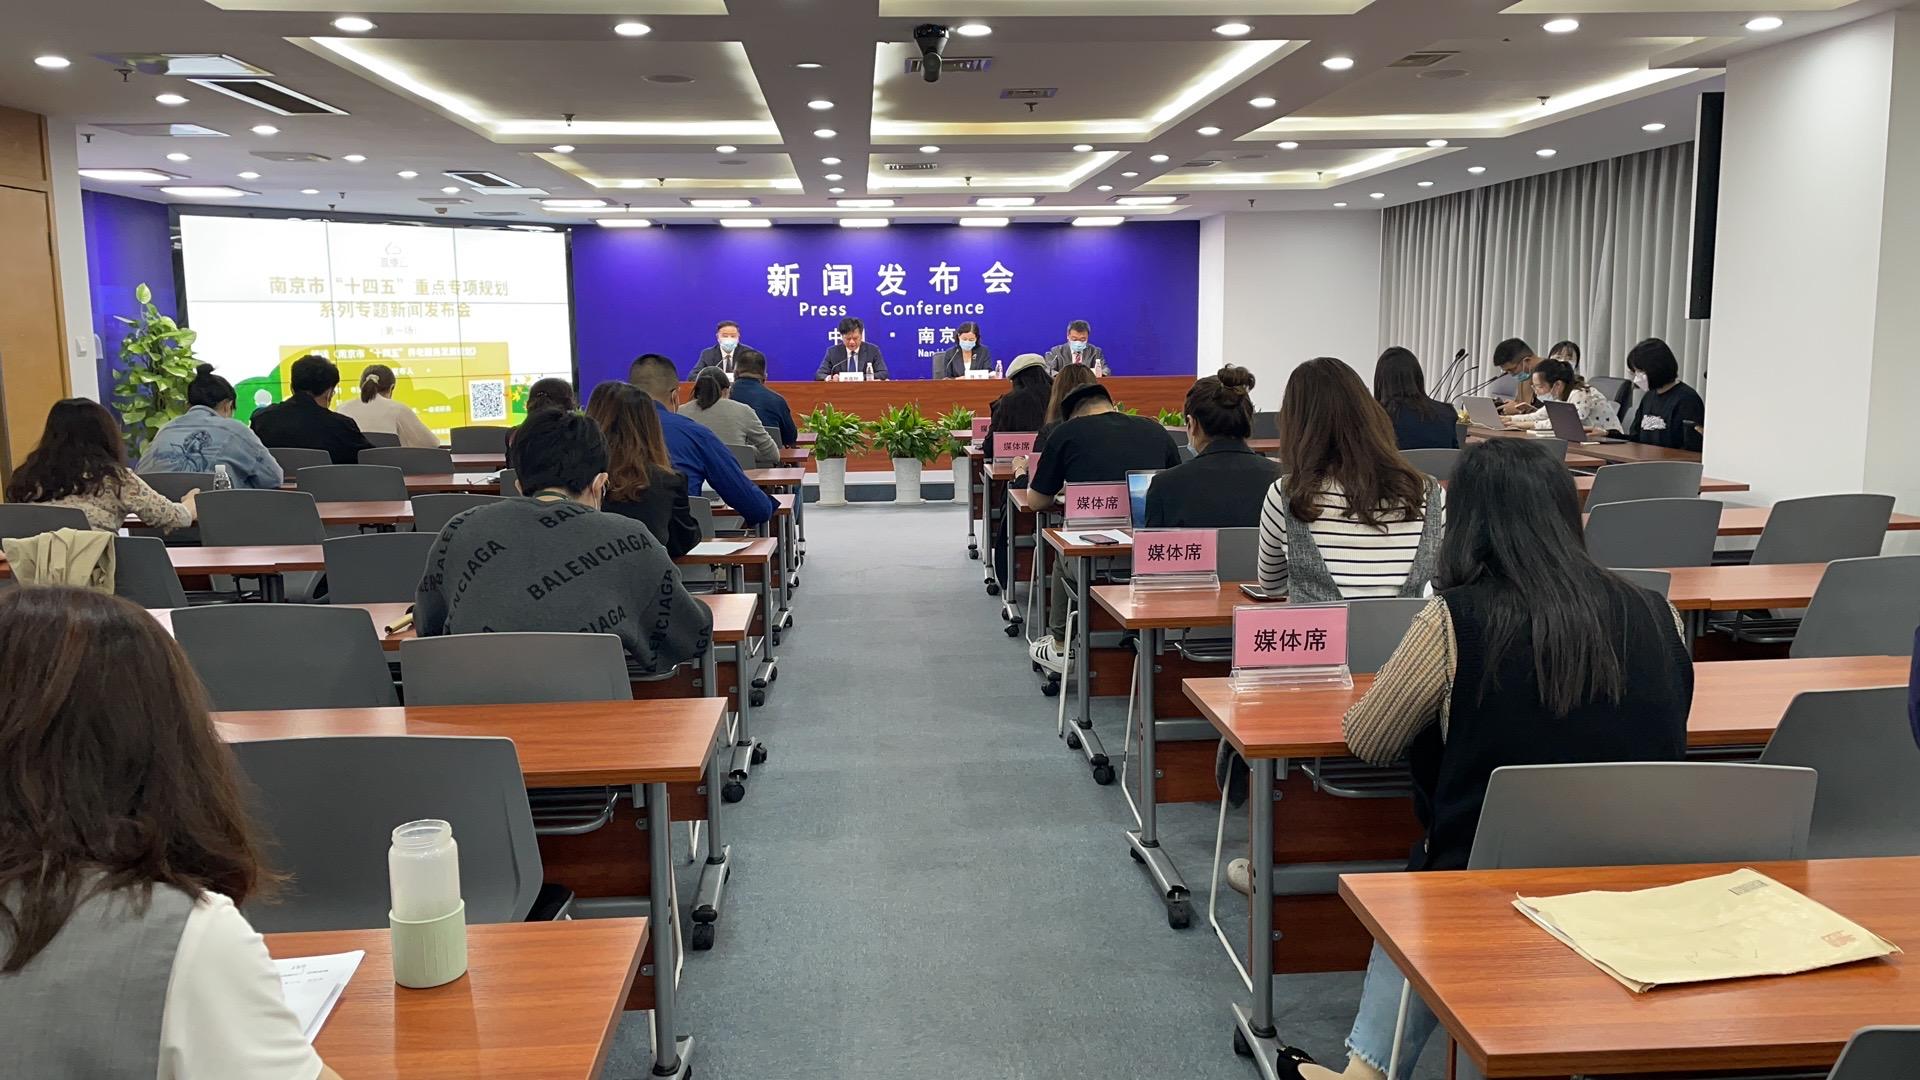 南报融媒体记者 甘欣宇 摄